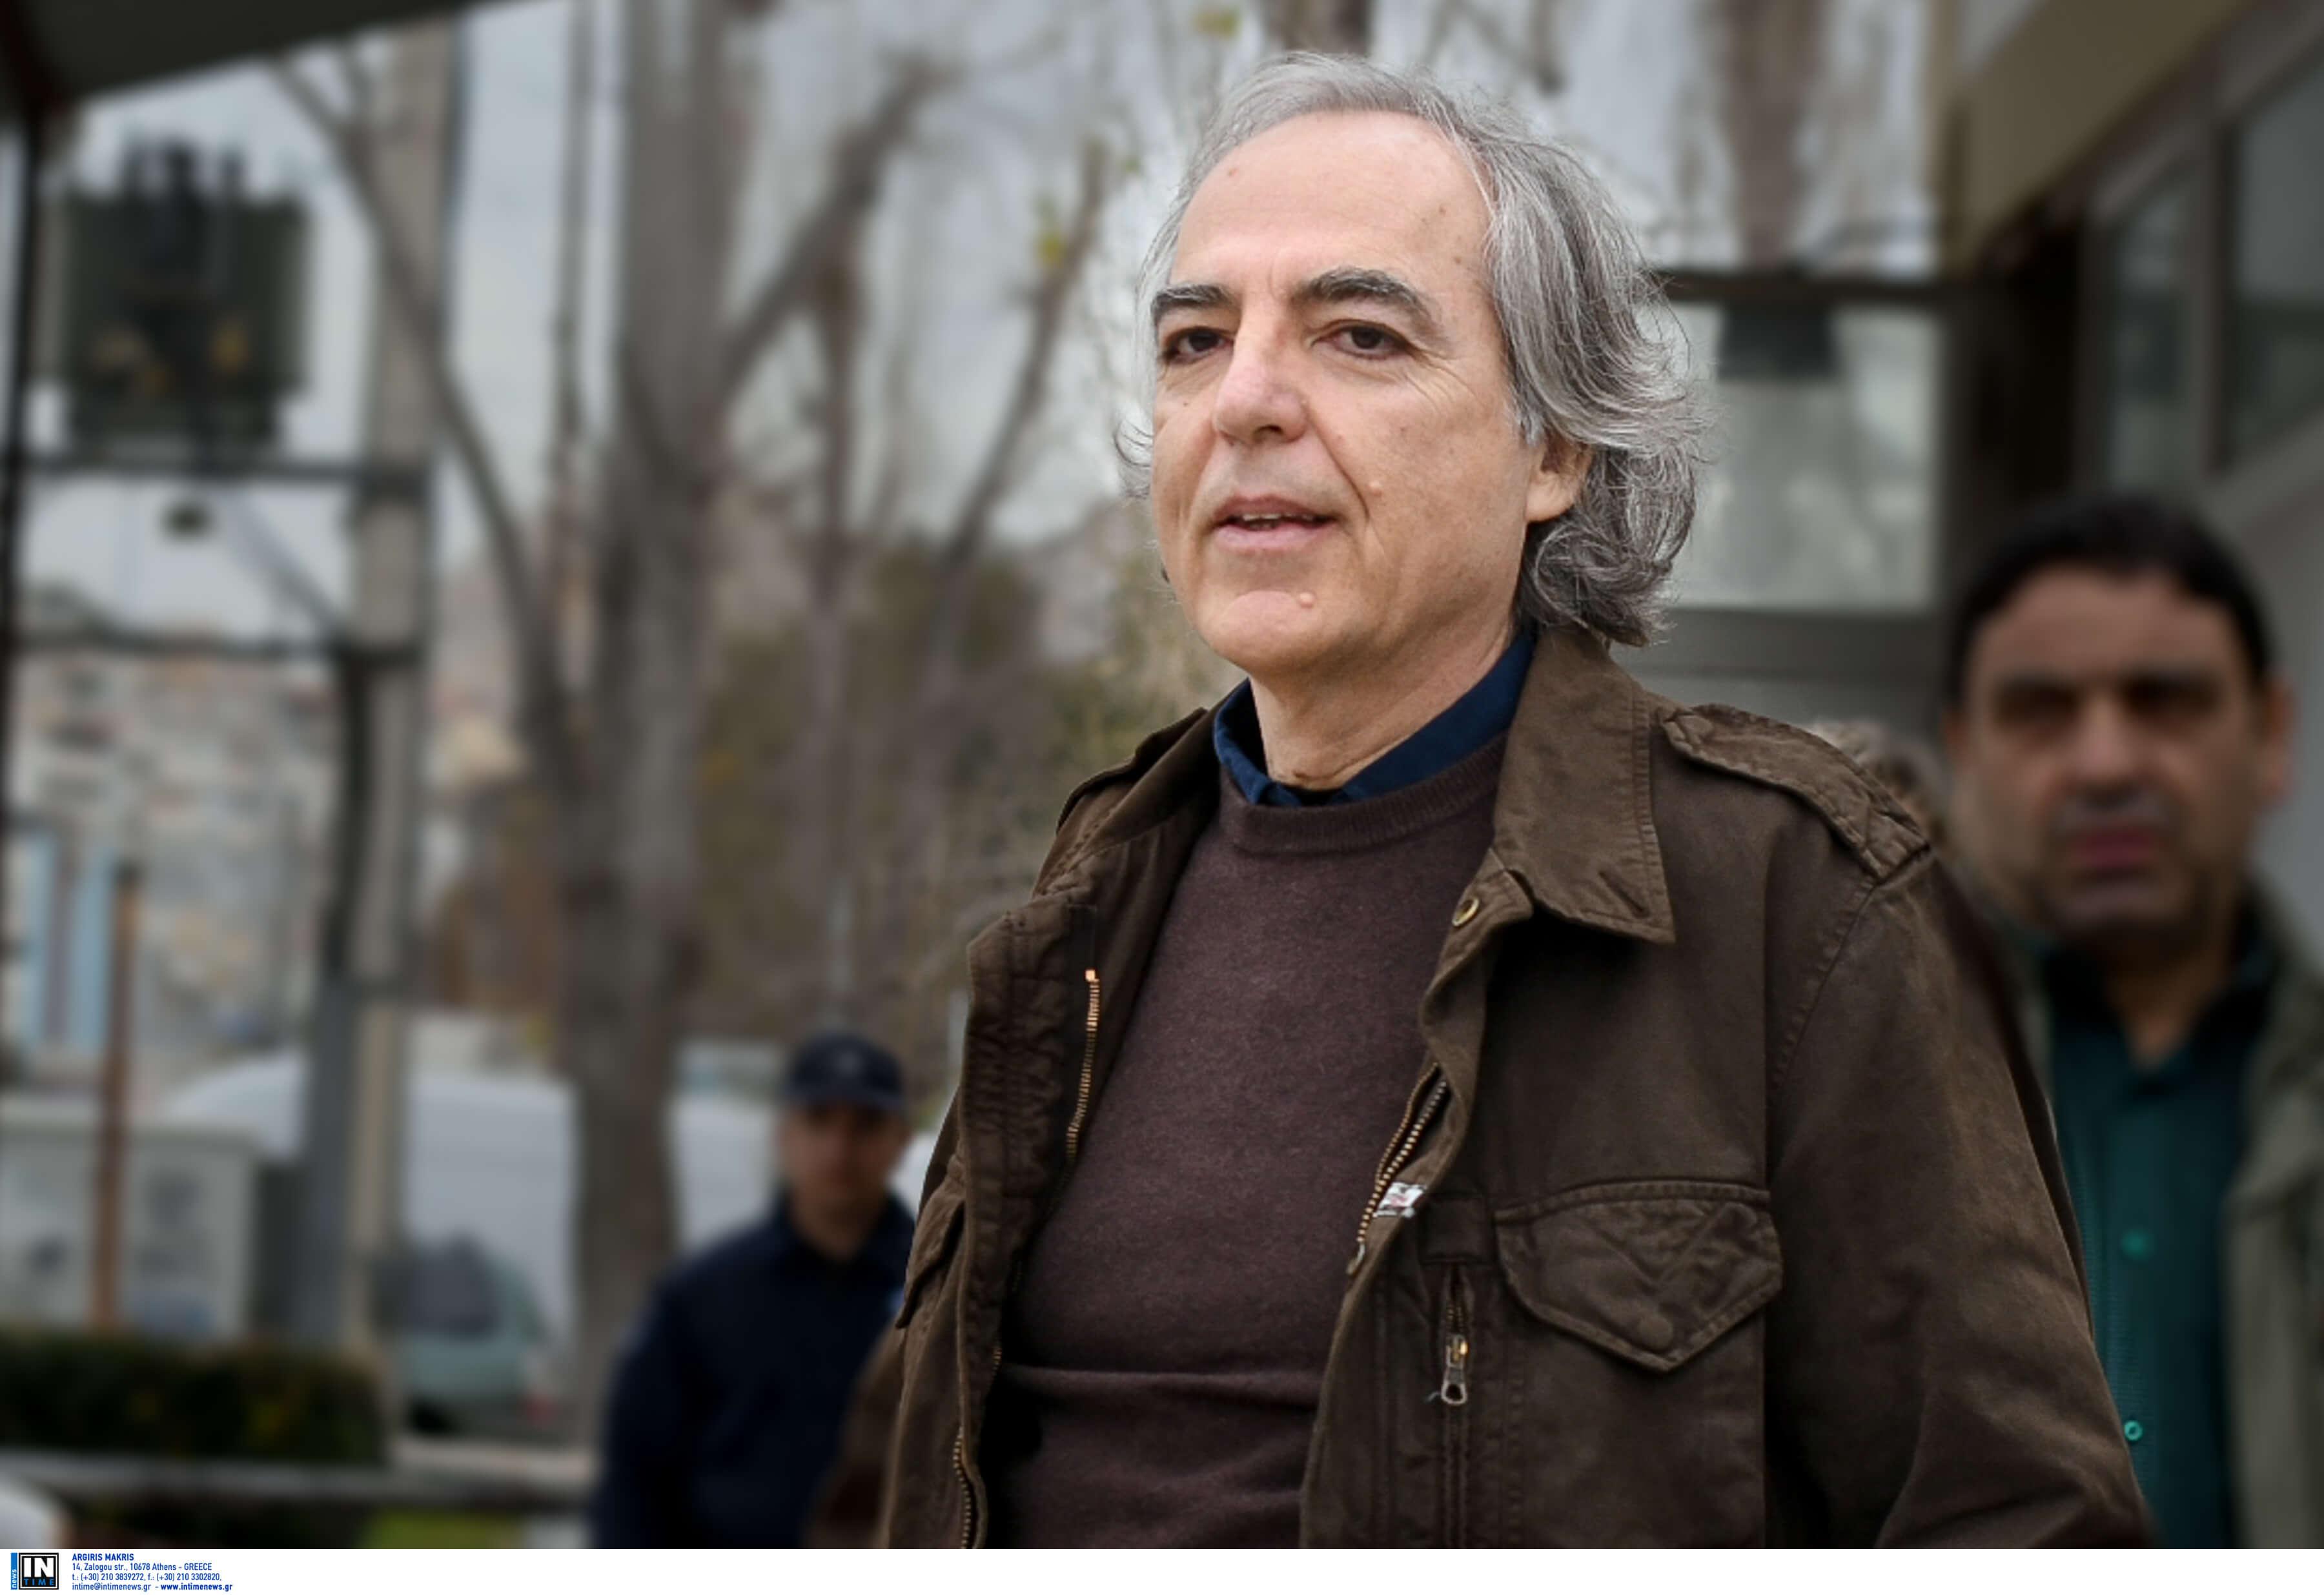 Συνδικαλιστής Αστυνομίας: Ο Δημήτρης Κουφοντίνας είναι άνθρωπος, μην τον αφήσουν να πεθάνει